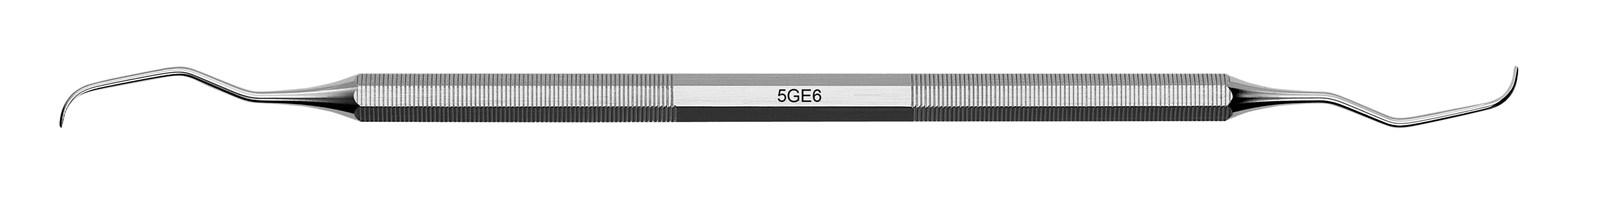 Kyreta Gracey Classic - 5GE6, ADEP silikonový návlek tmavě zelený